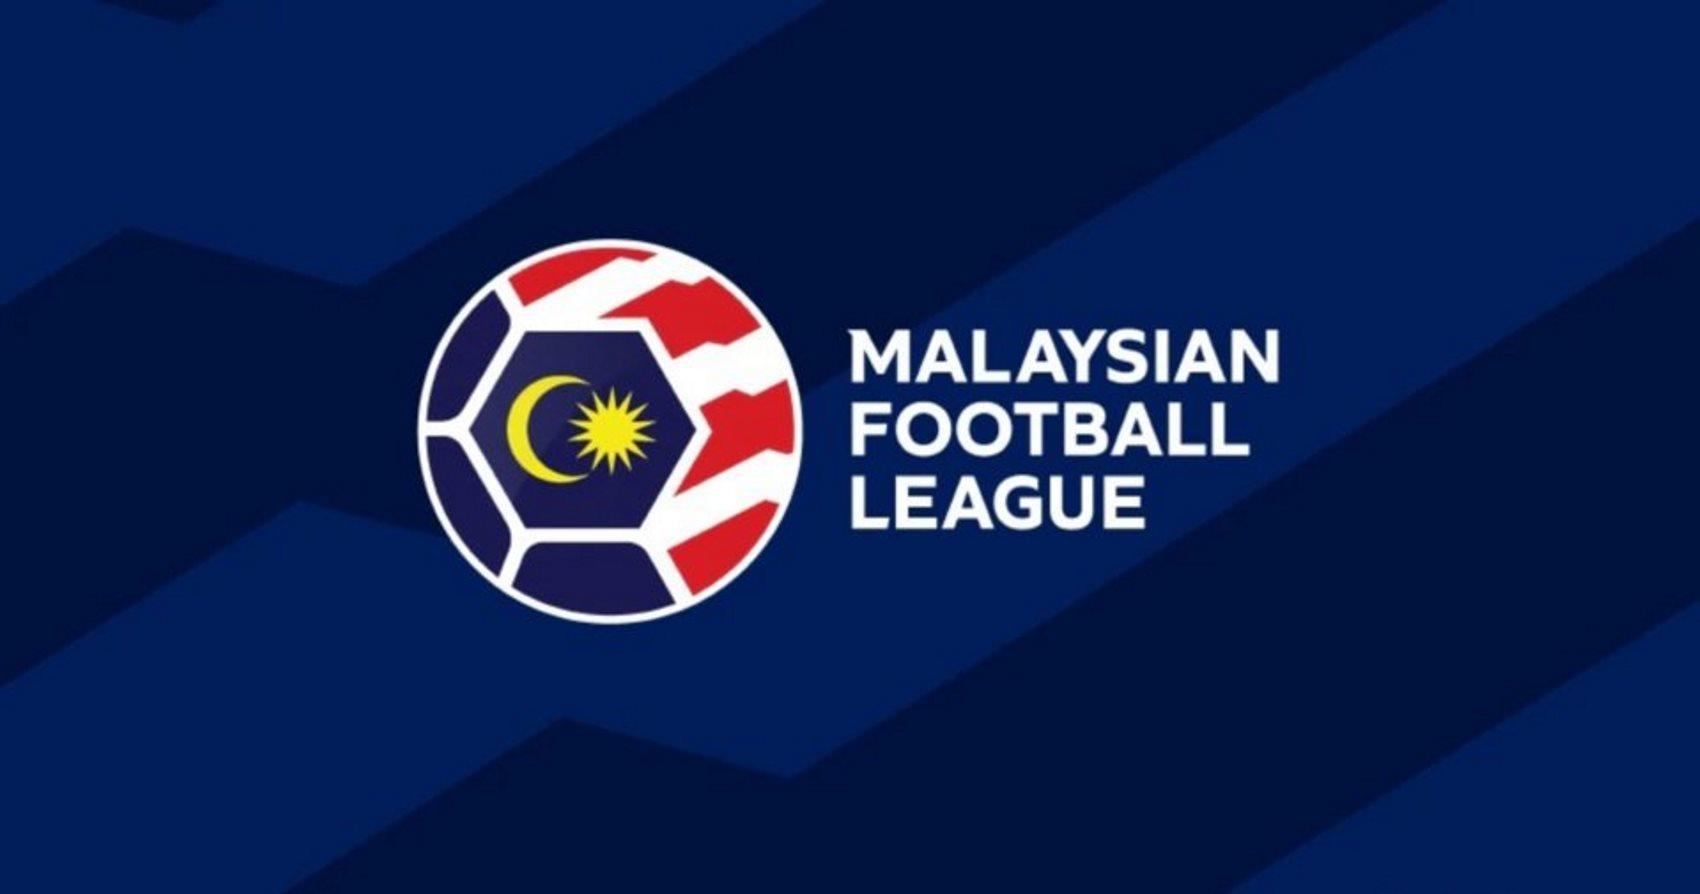 MFL Liga Bolasepak Malaysia Liga M TM